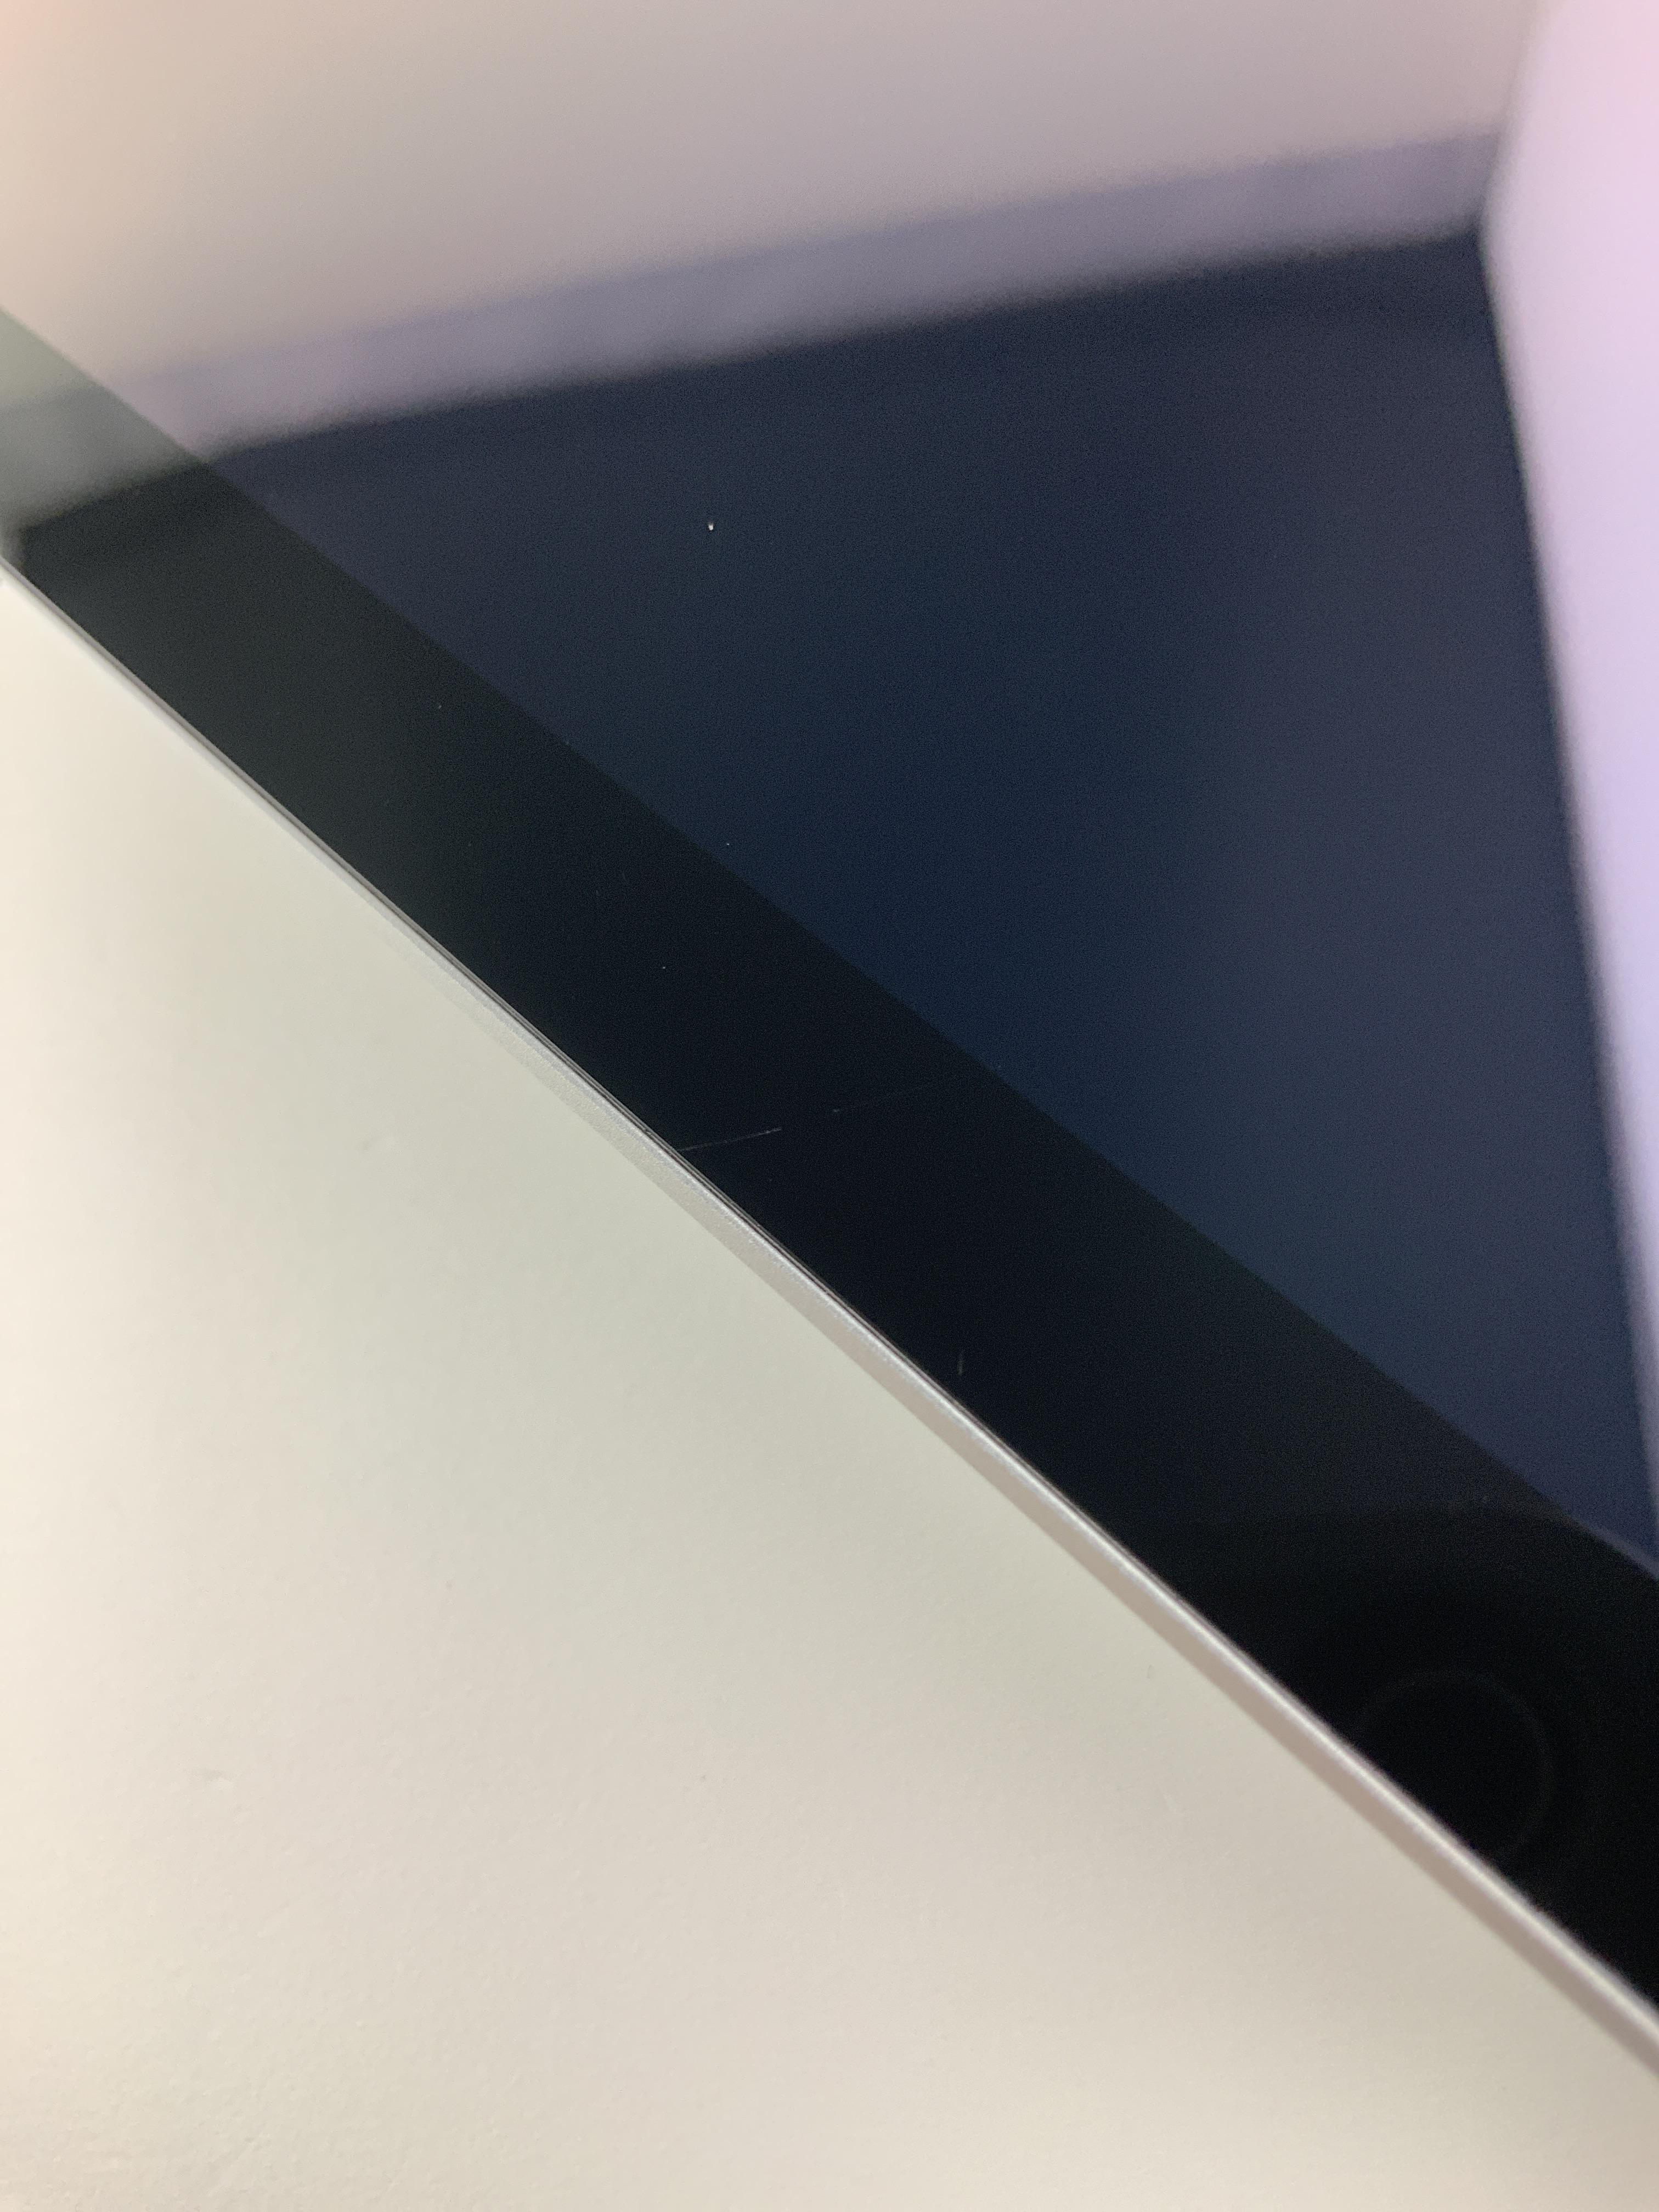 iPad 5 Wi-Fi 32GB, 32GB, Space Gray, imagen 4